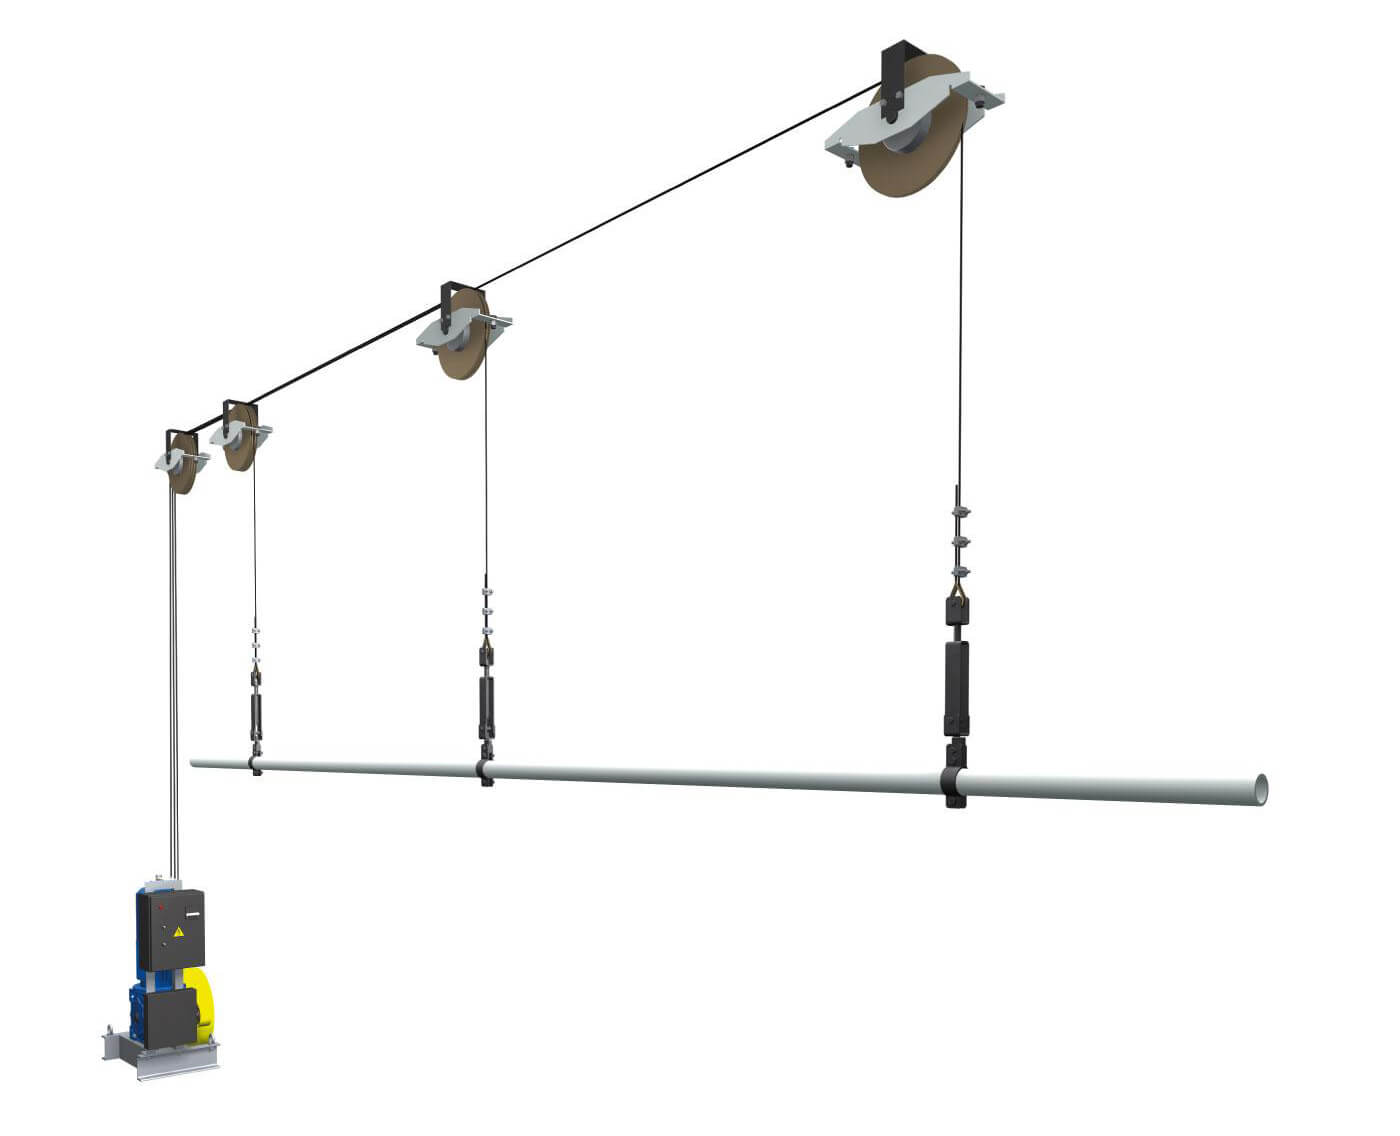 Схема работы штанкетного (декорационного) подъёма